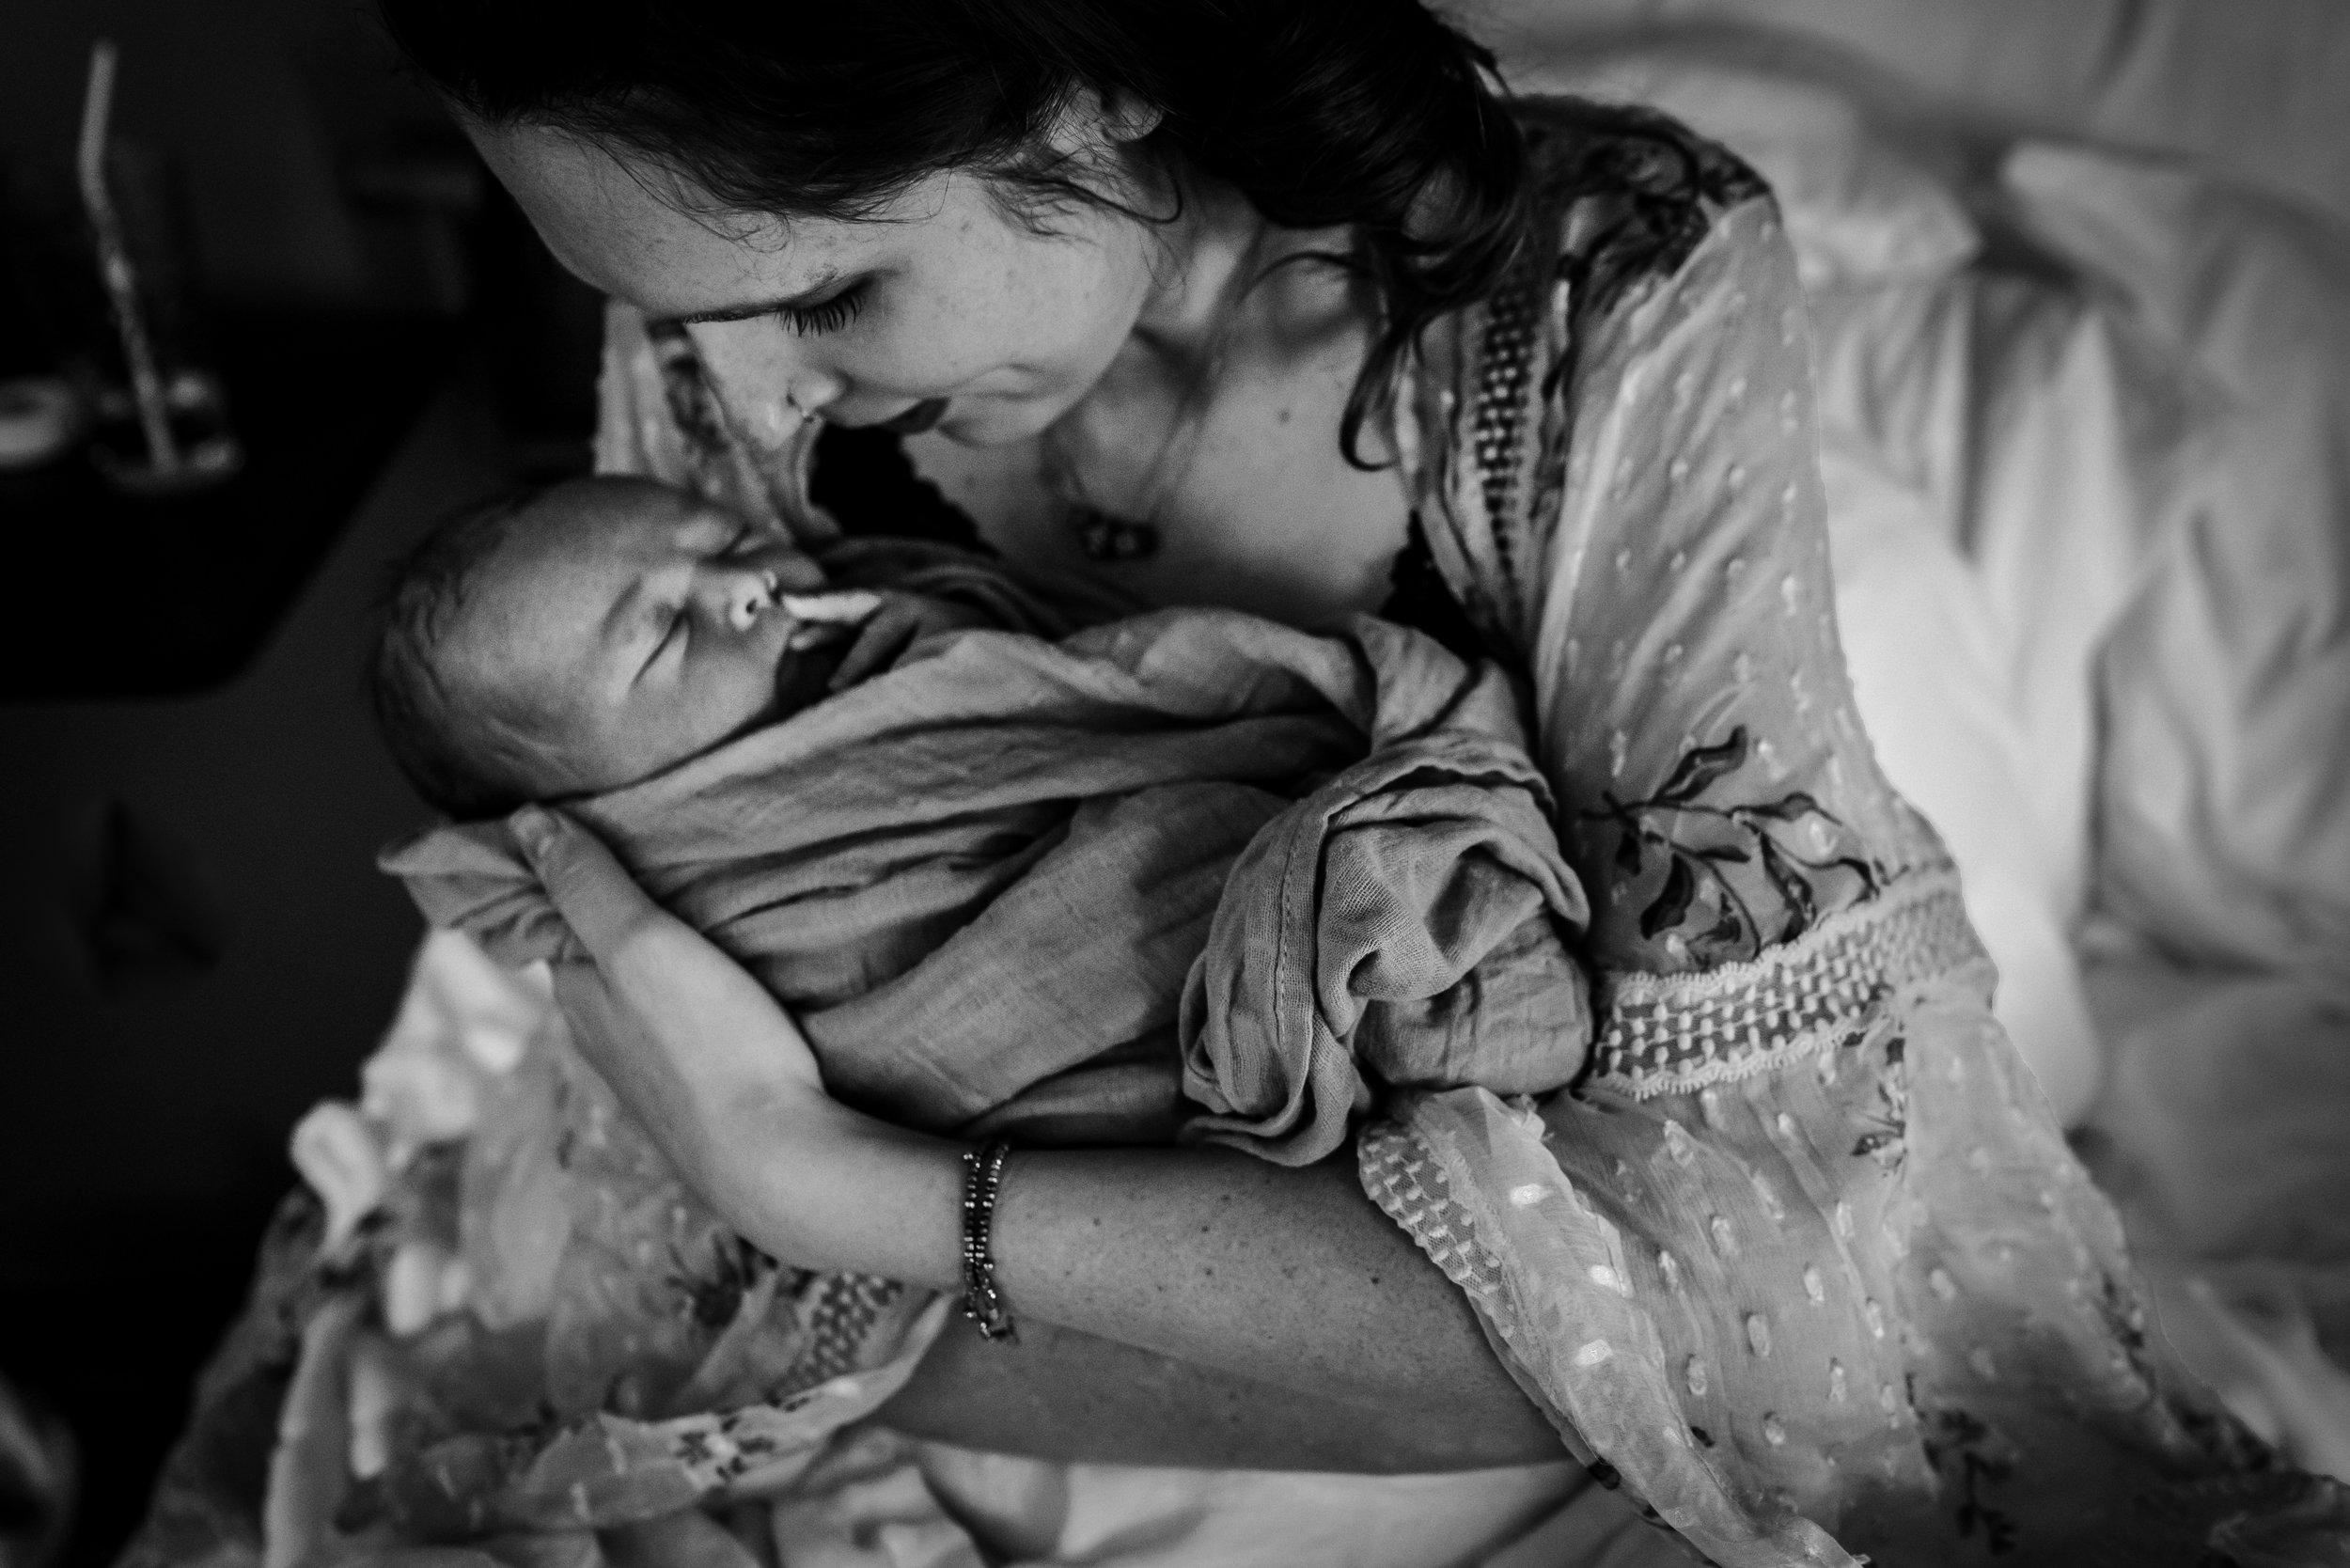 Denver_Colorado_Lindsey_Eden_Photography_Videography-Birth_Center_Monet00009.jpg